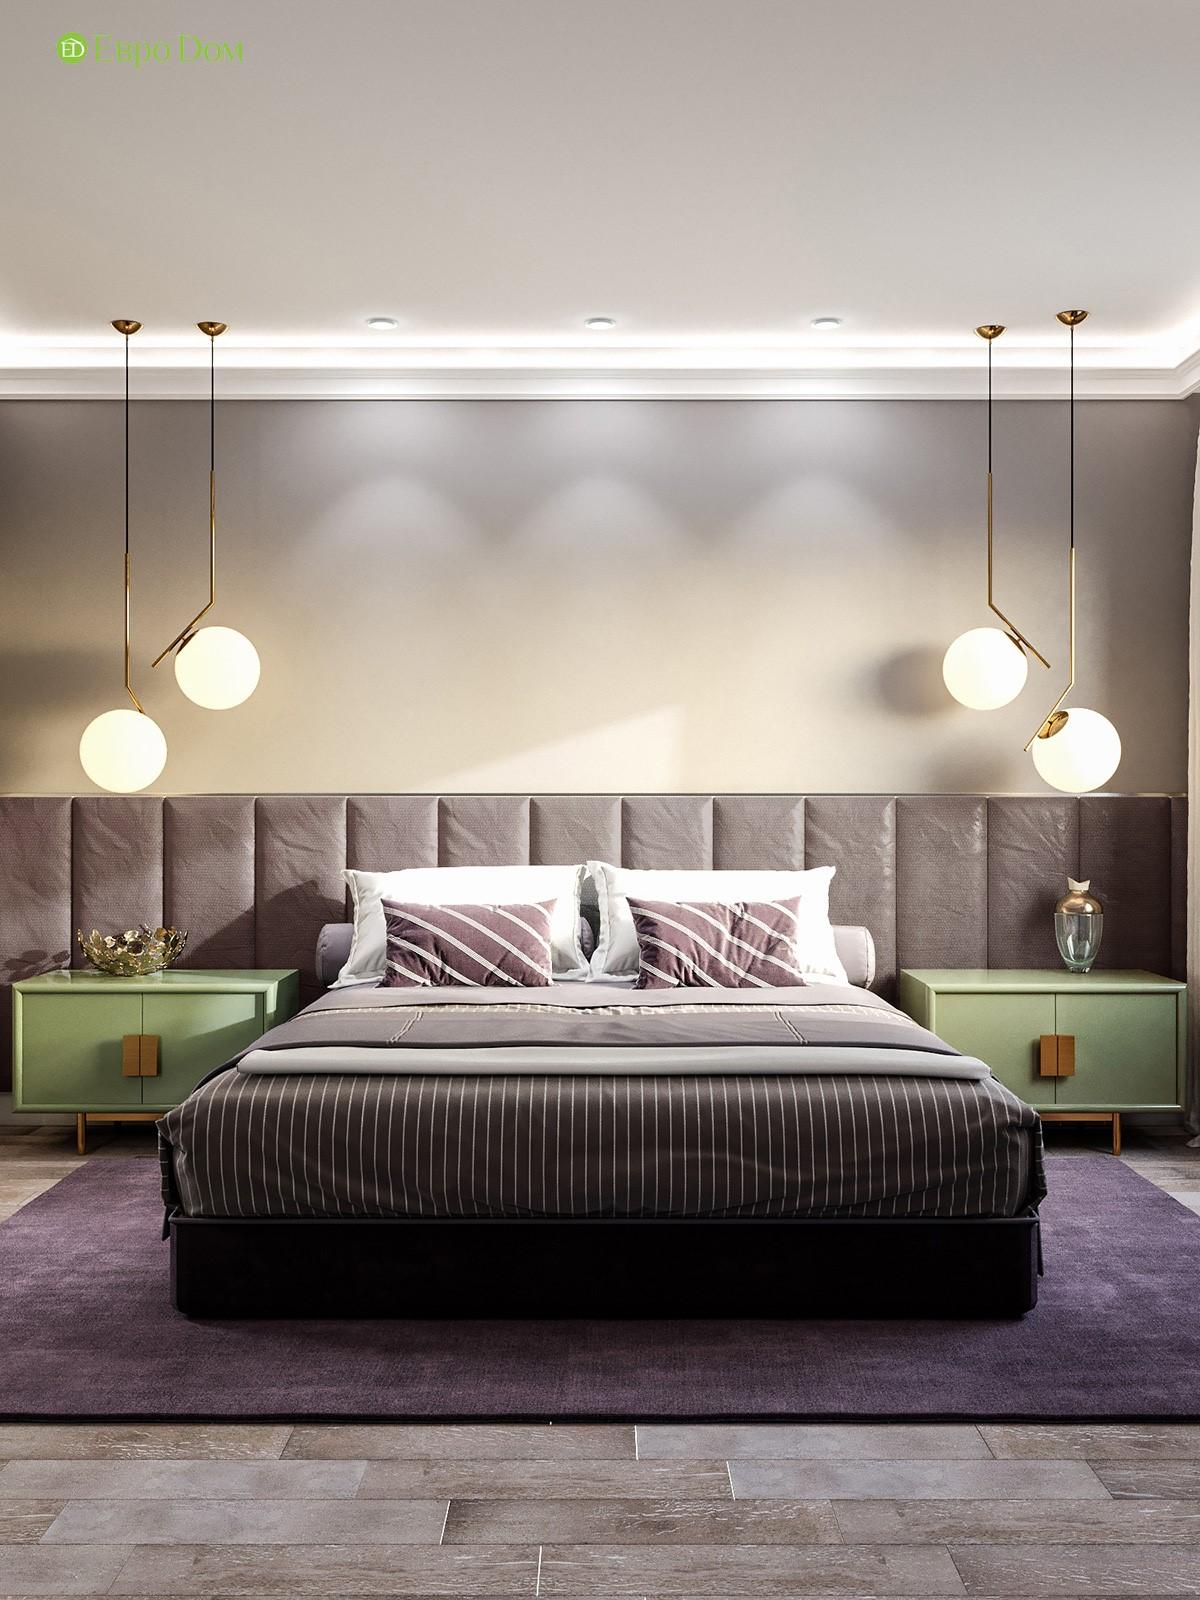 Дизайн-проект панельной двухкомнатной квартиры 60 кв. м в современном стиле и 3D-визуализация